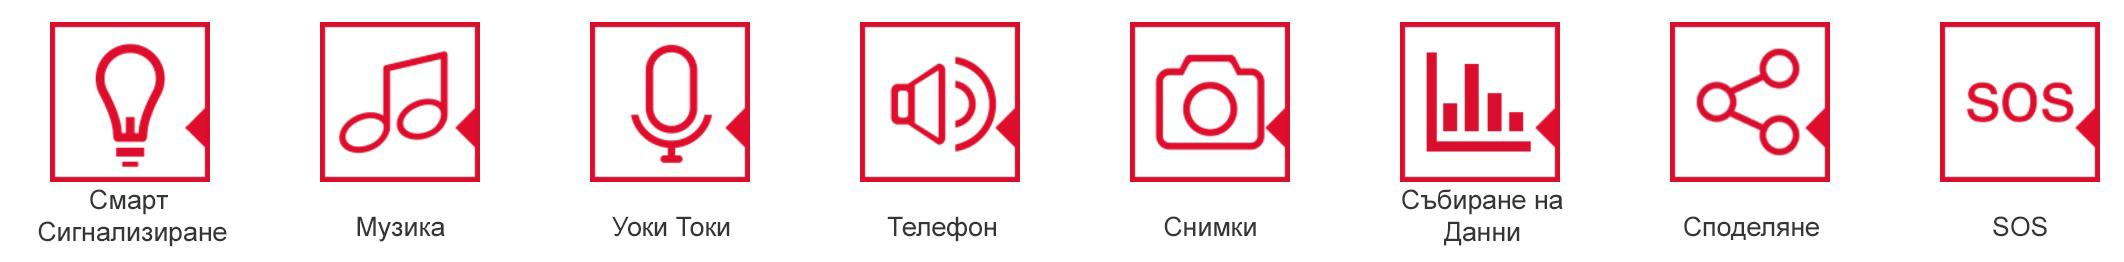 icons-1